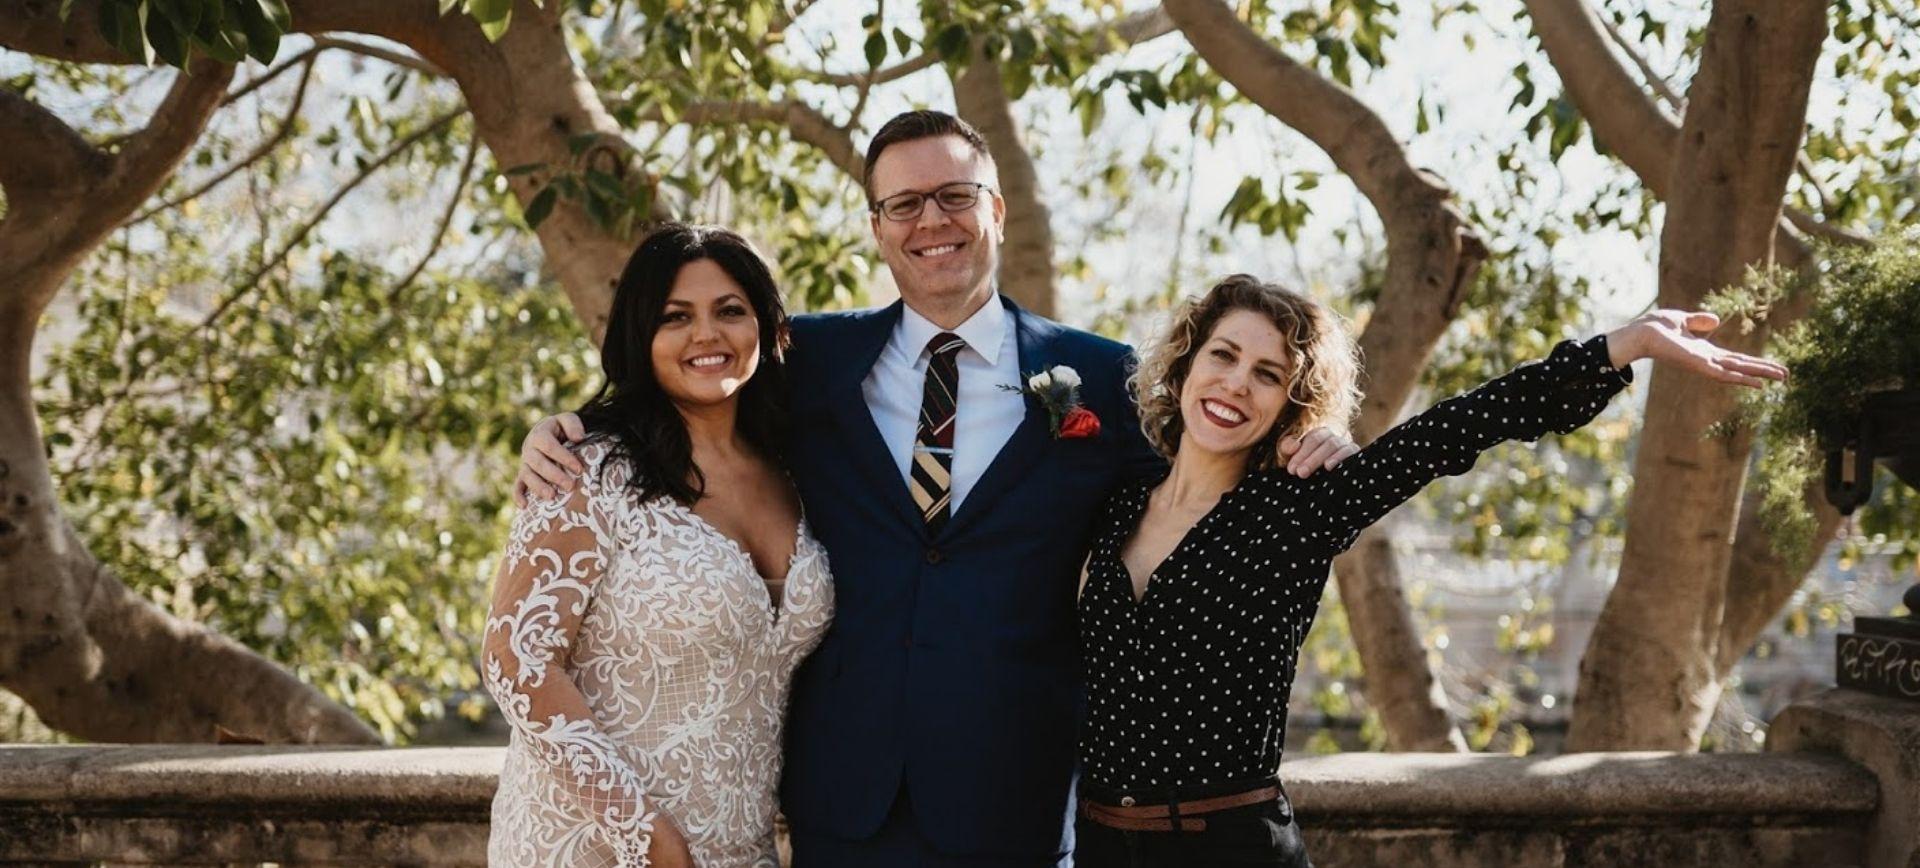 elbride & groom with their elopement planner in barcelona